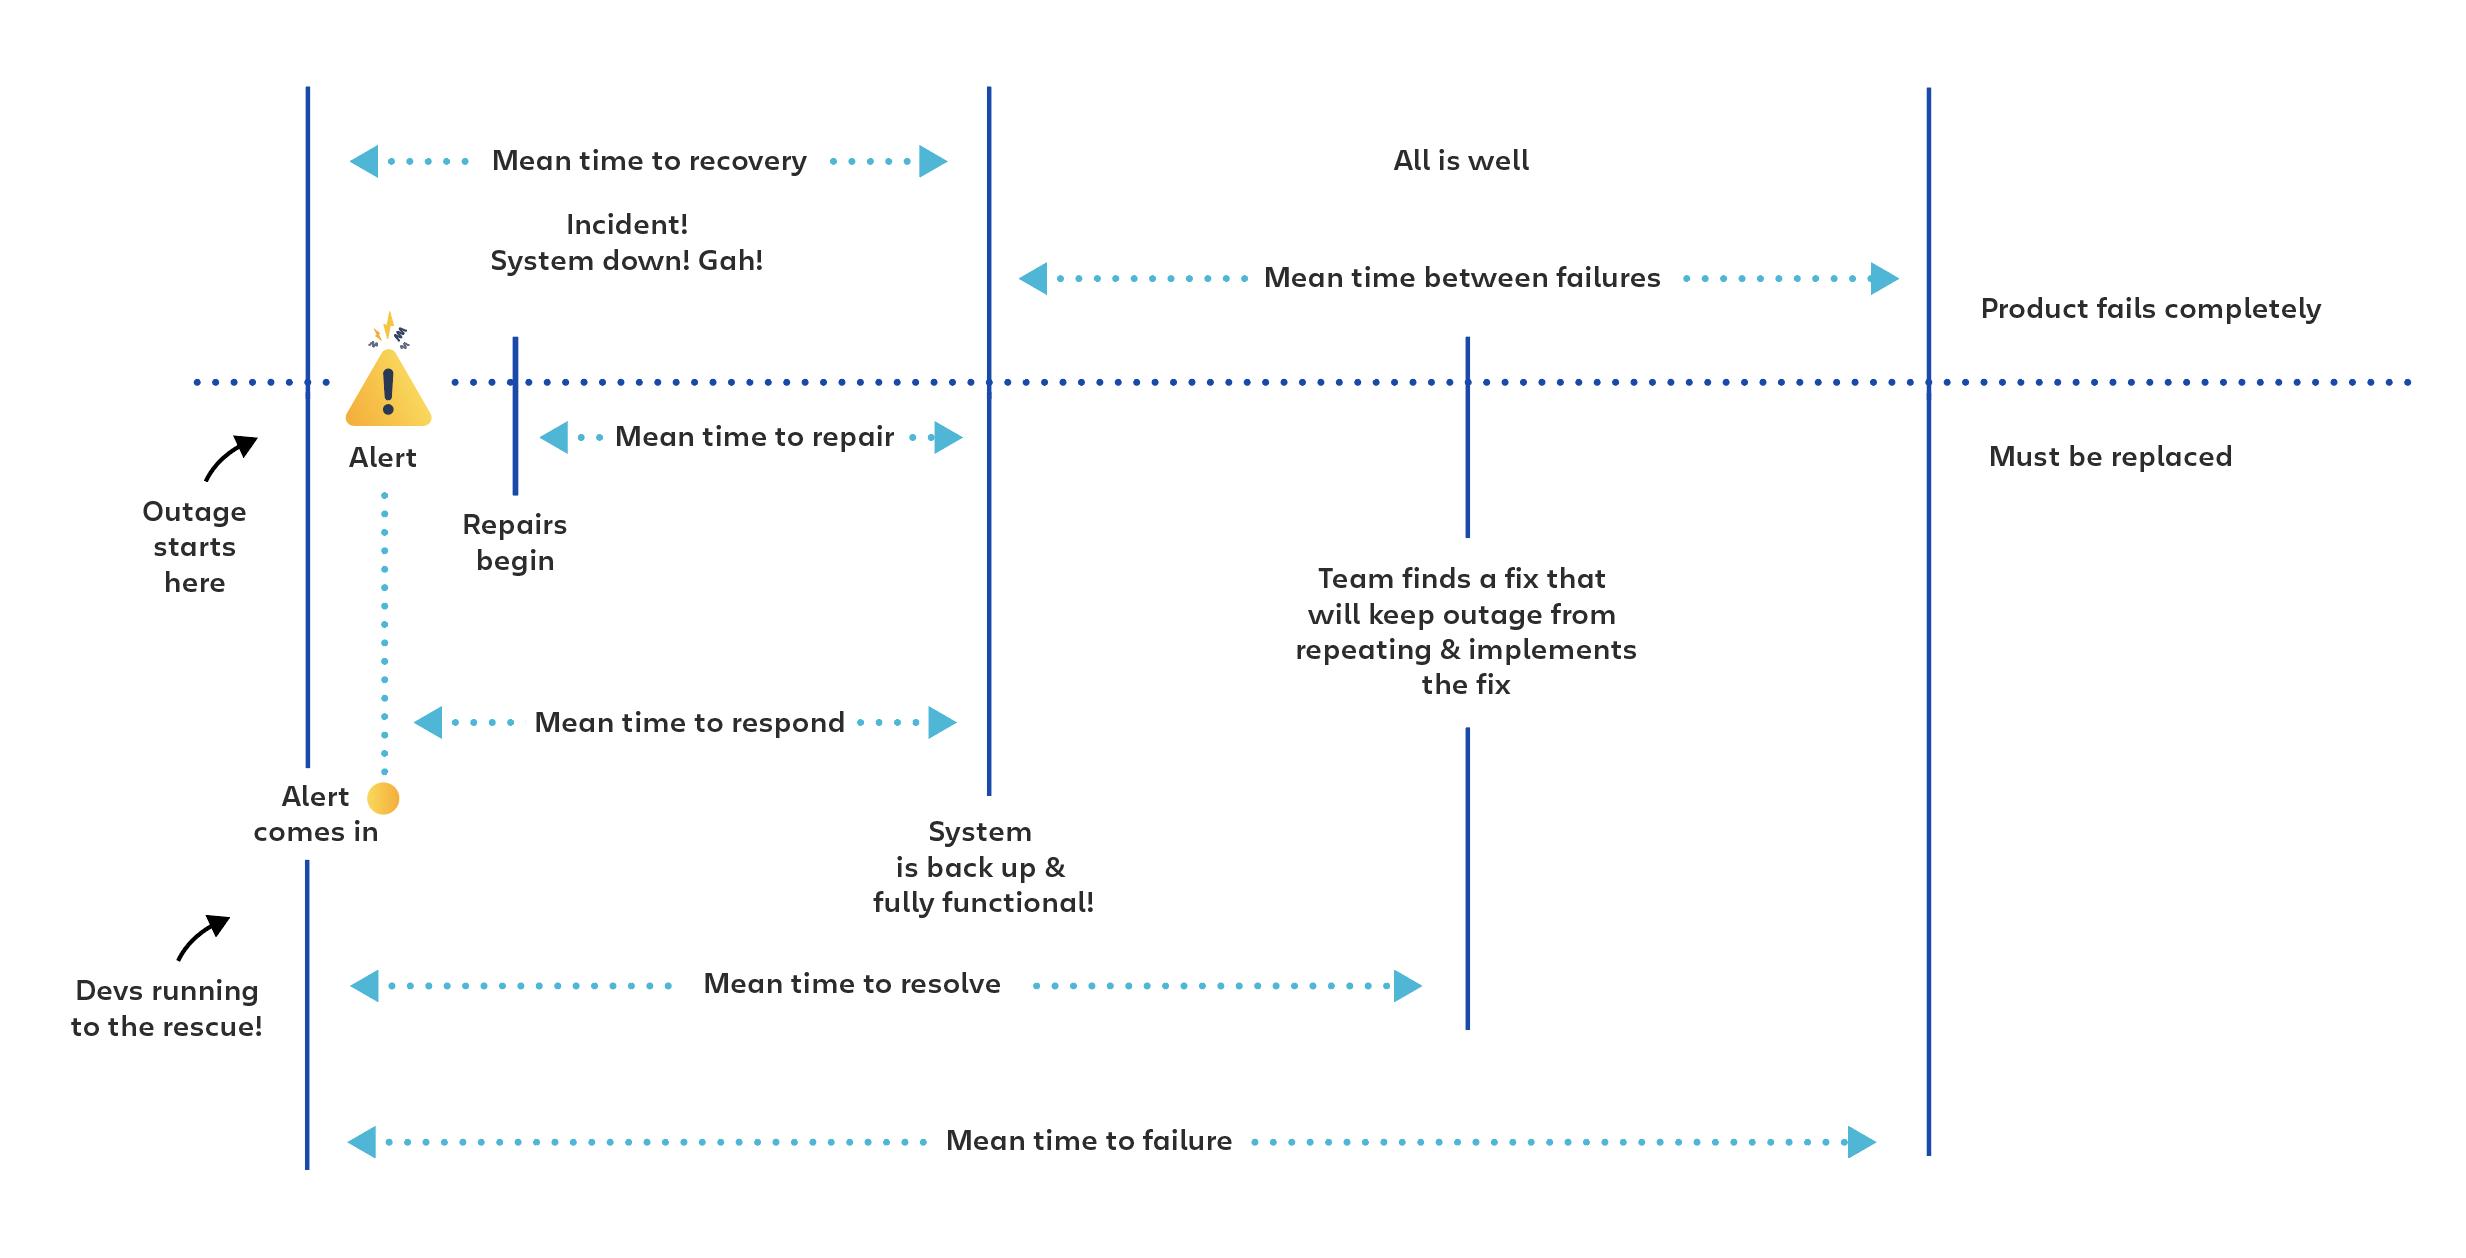 Ilustração de como o uso conjunto do MTBF, MTTR, MTTA e MTTF pode melhorar o gerenciamento de incidentes